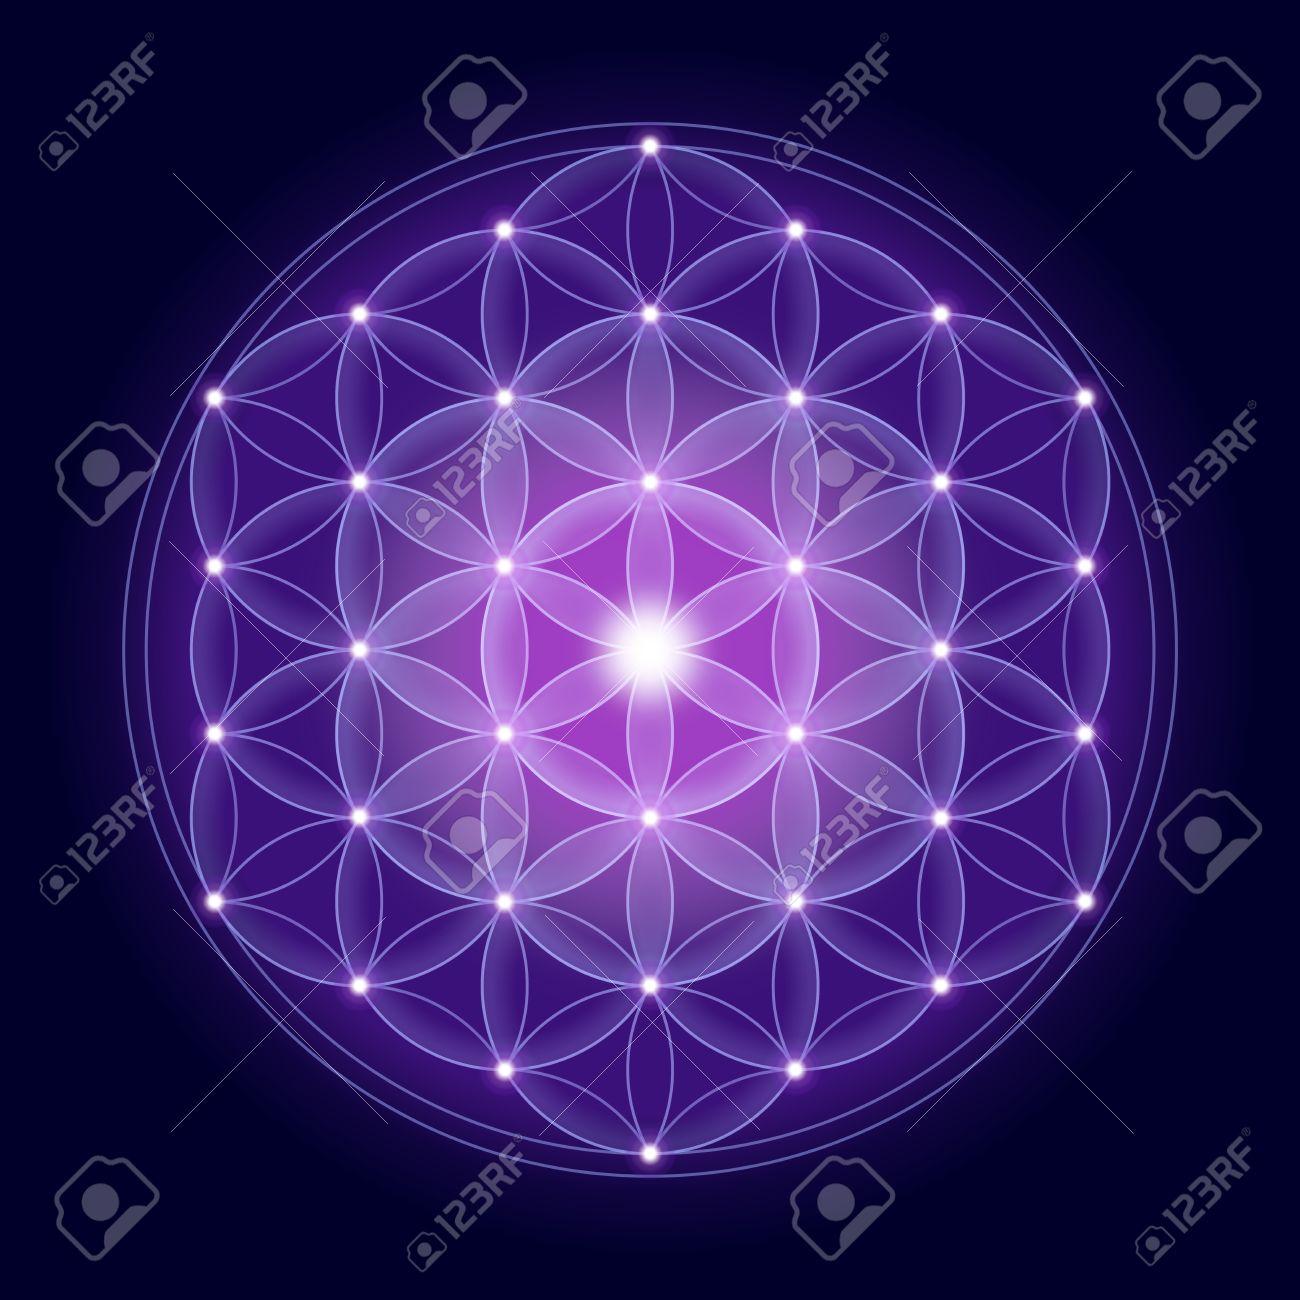 Fleur de vie lumineux avec des étoiles sur fond bleu foncé, un symbole spirituel et la géométrie sacrée depuis les temps anciens. Banque d'images - 38616351